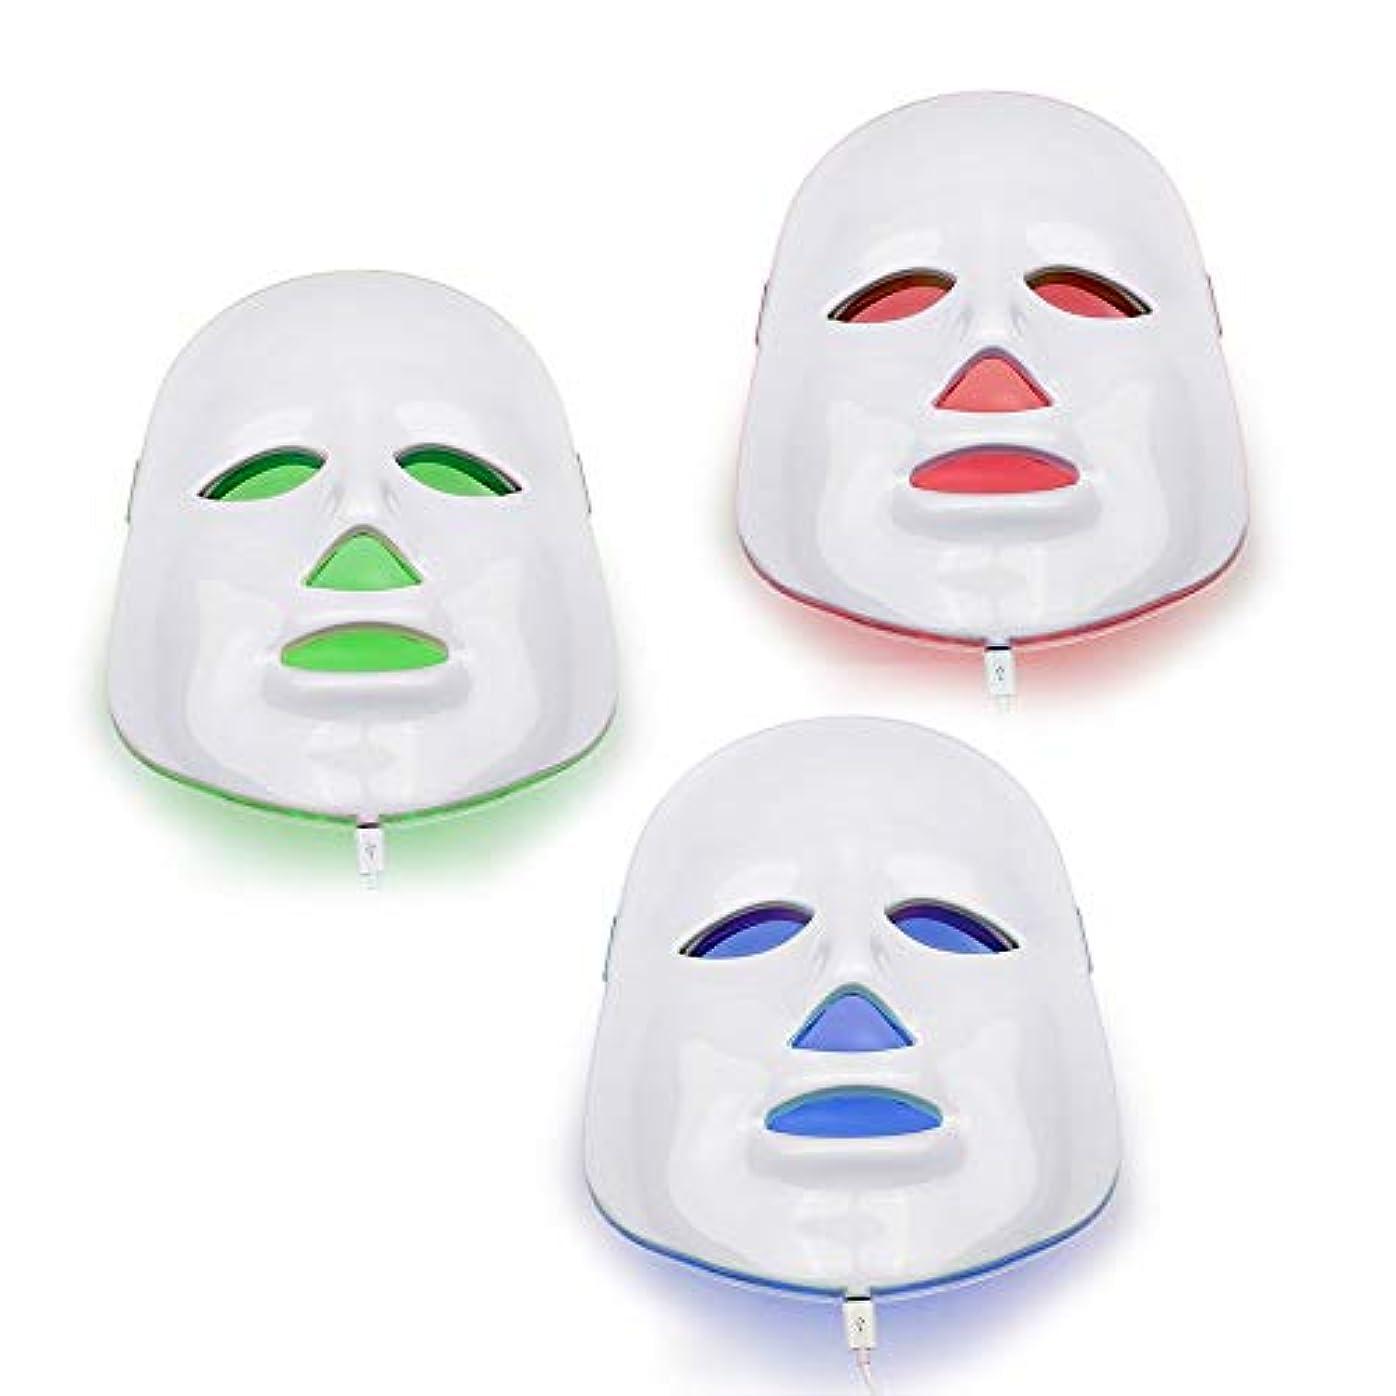 教師の日関与するレビュアーNORLANYA BEAUTY EQUIPMENT マスク顔光線療法フェイシャルスキンケアマスカラは皮膚 調色しわ除去 用 光を主導主導しました